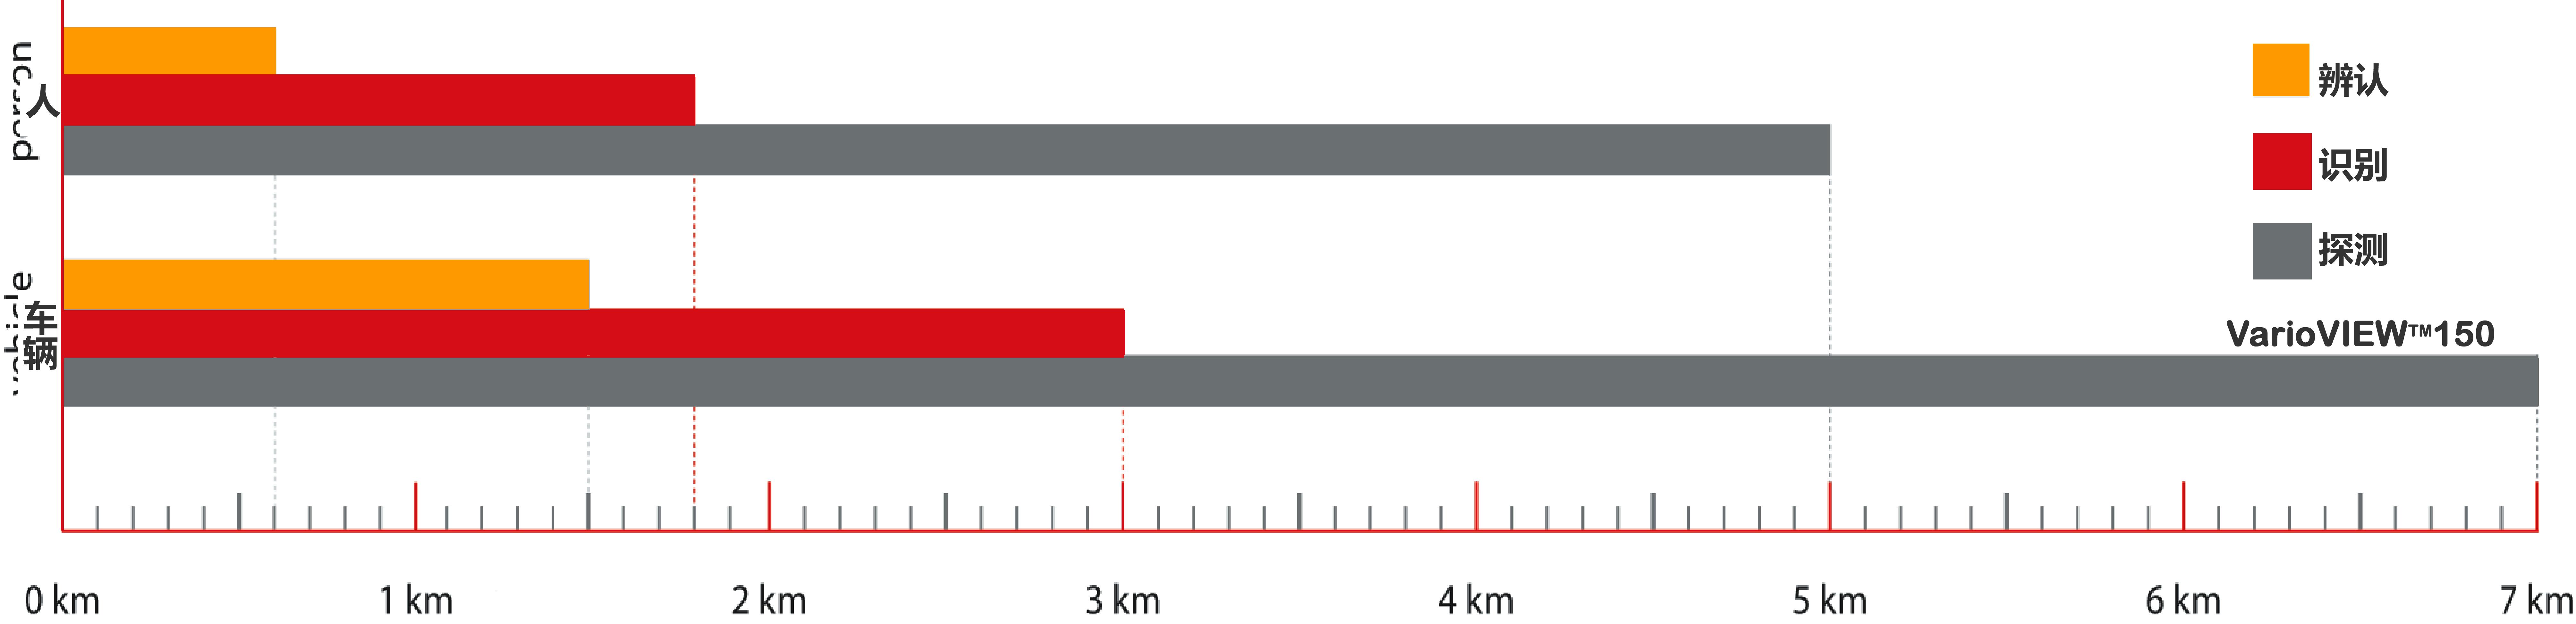 varioview安防用红外热像仪在巴黎国际军警装备展上成功展出-北京雅世恒源科技发展有限公司